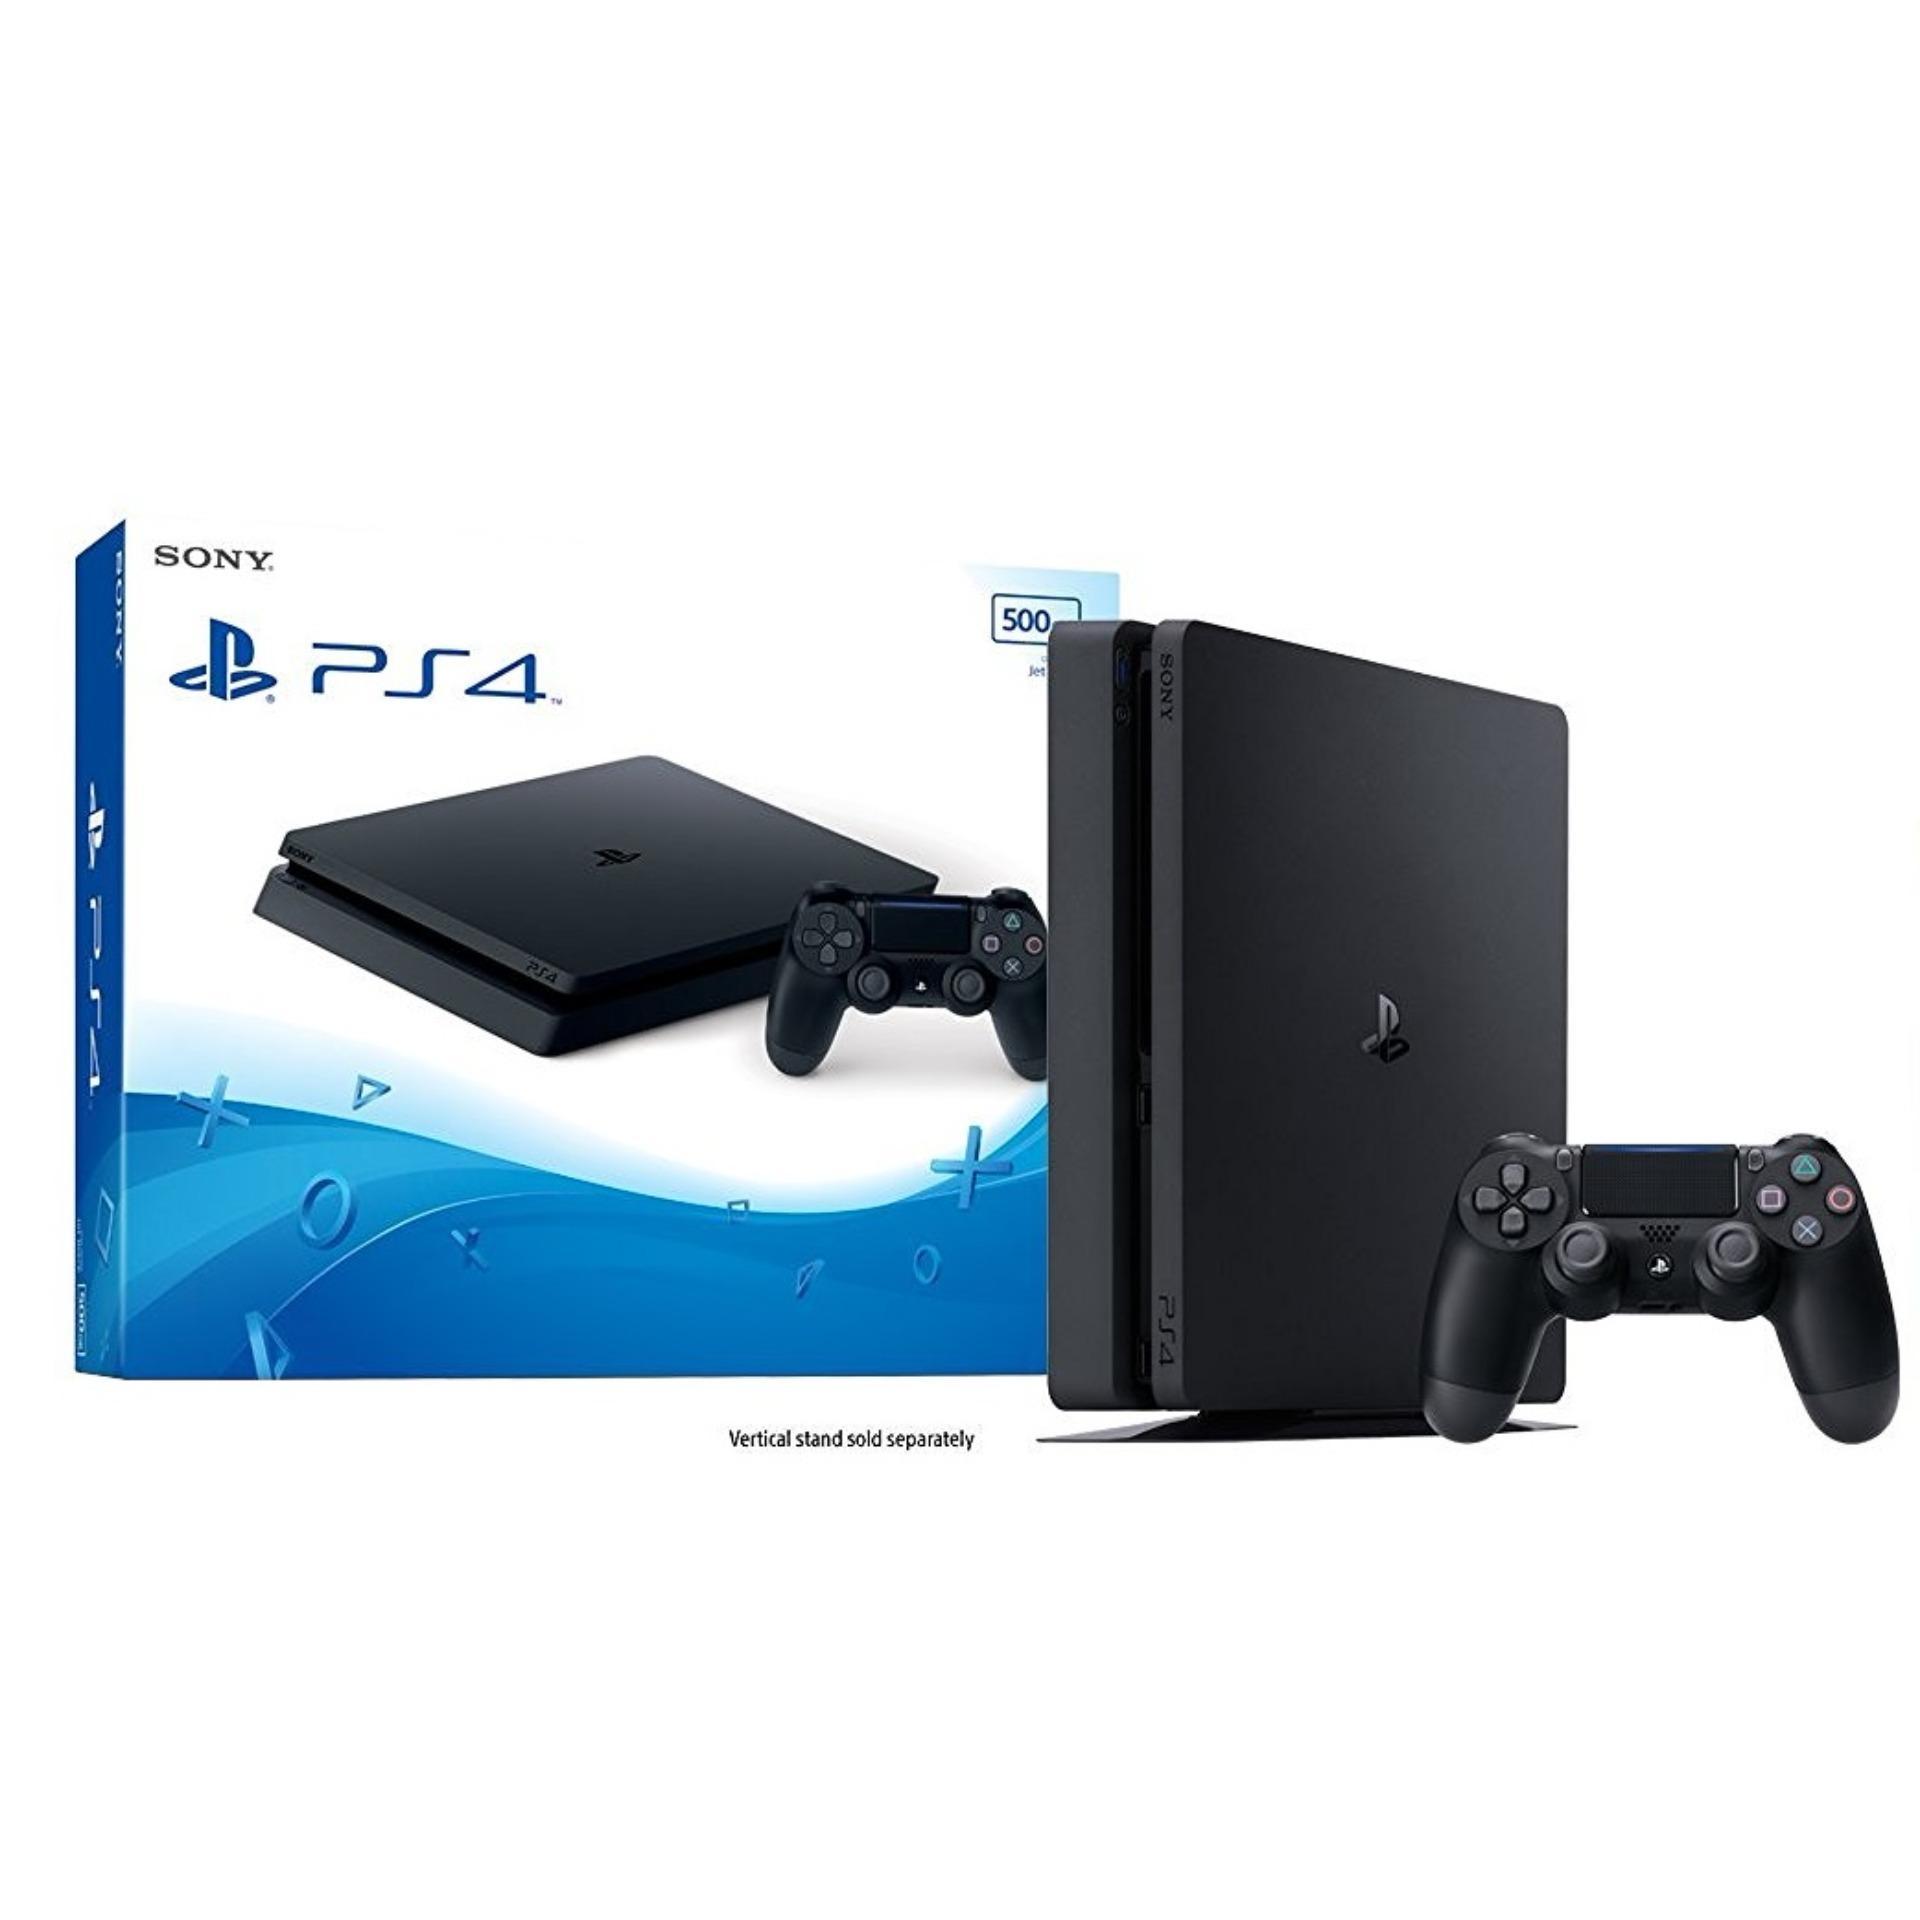 Sony PS4 Playstation 4 Slim Console 500GB (Black)